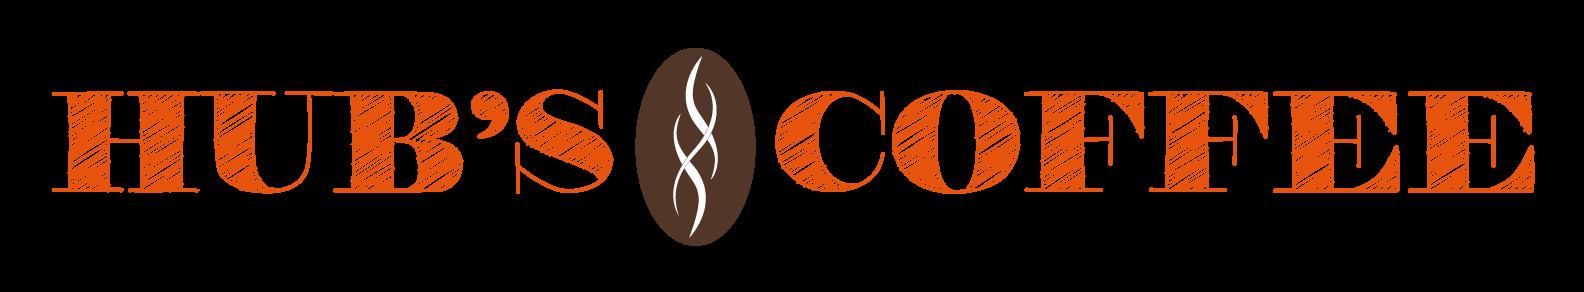 Hub's Coffee